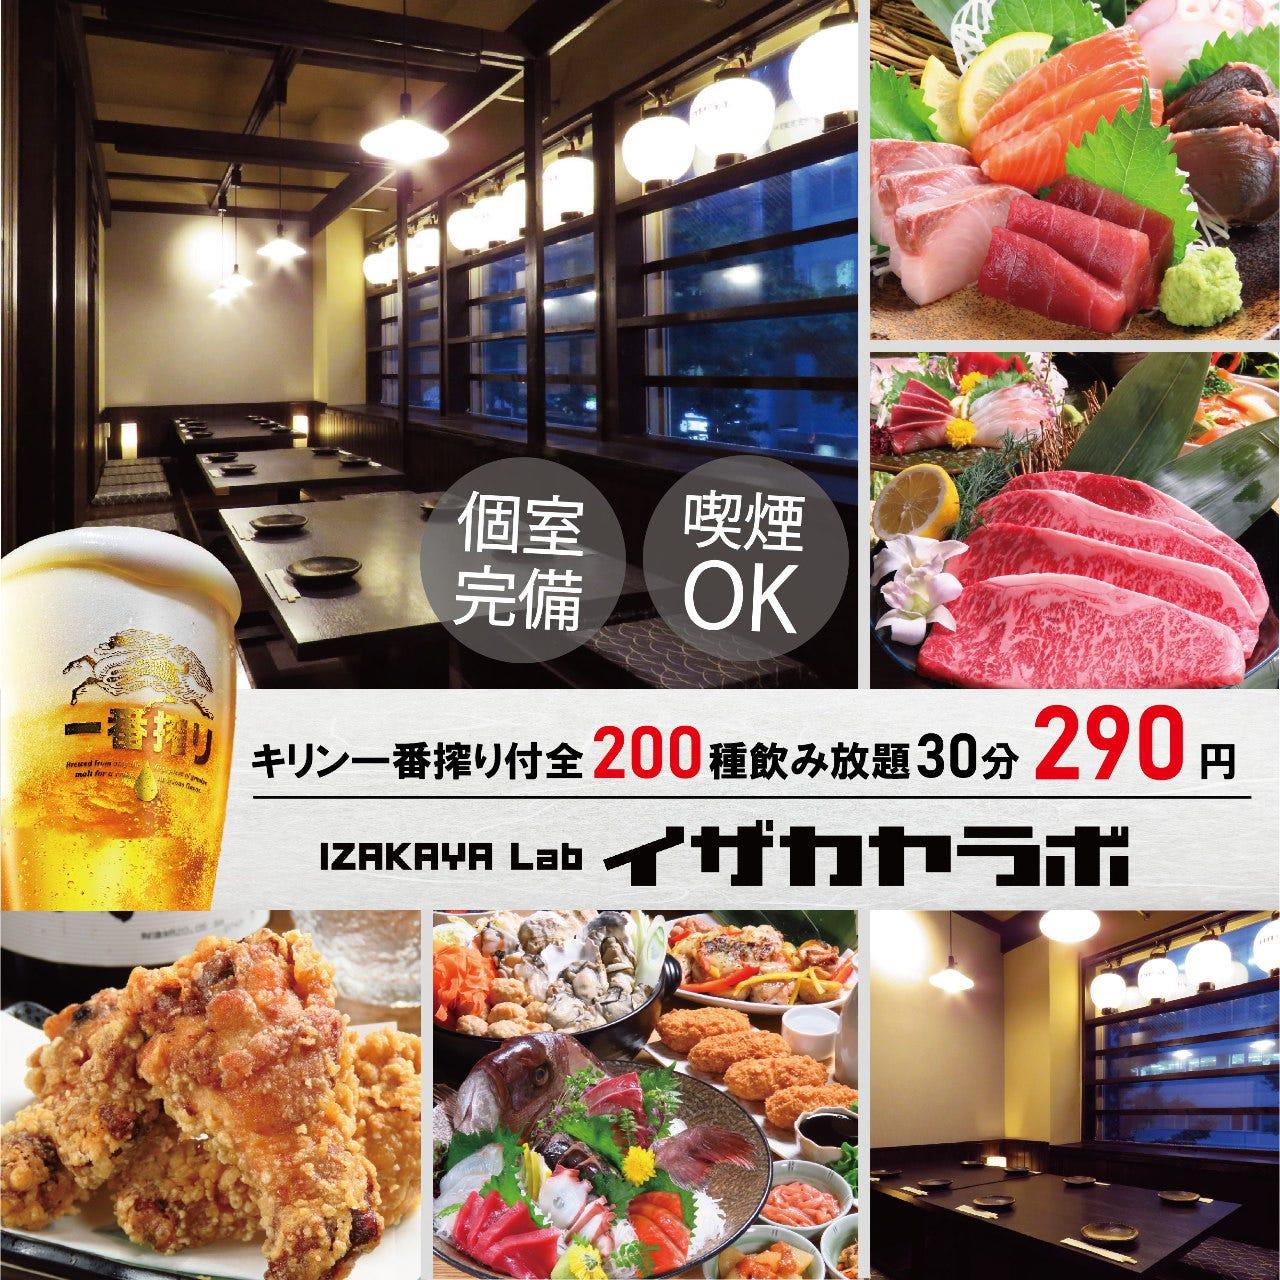 個室居酒屋 全200種飲み放題30分290円 イザカヤラボ 札幌駅前店